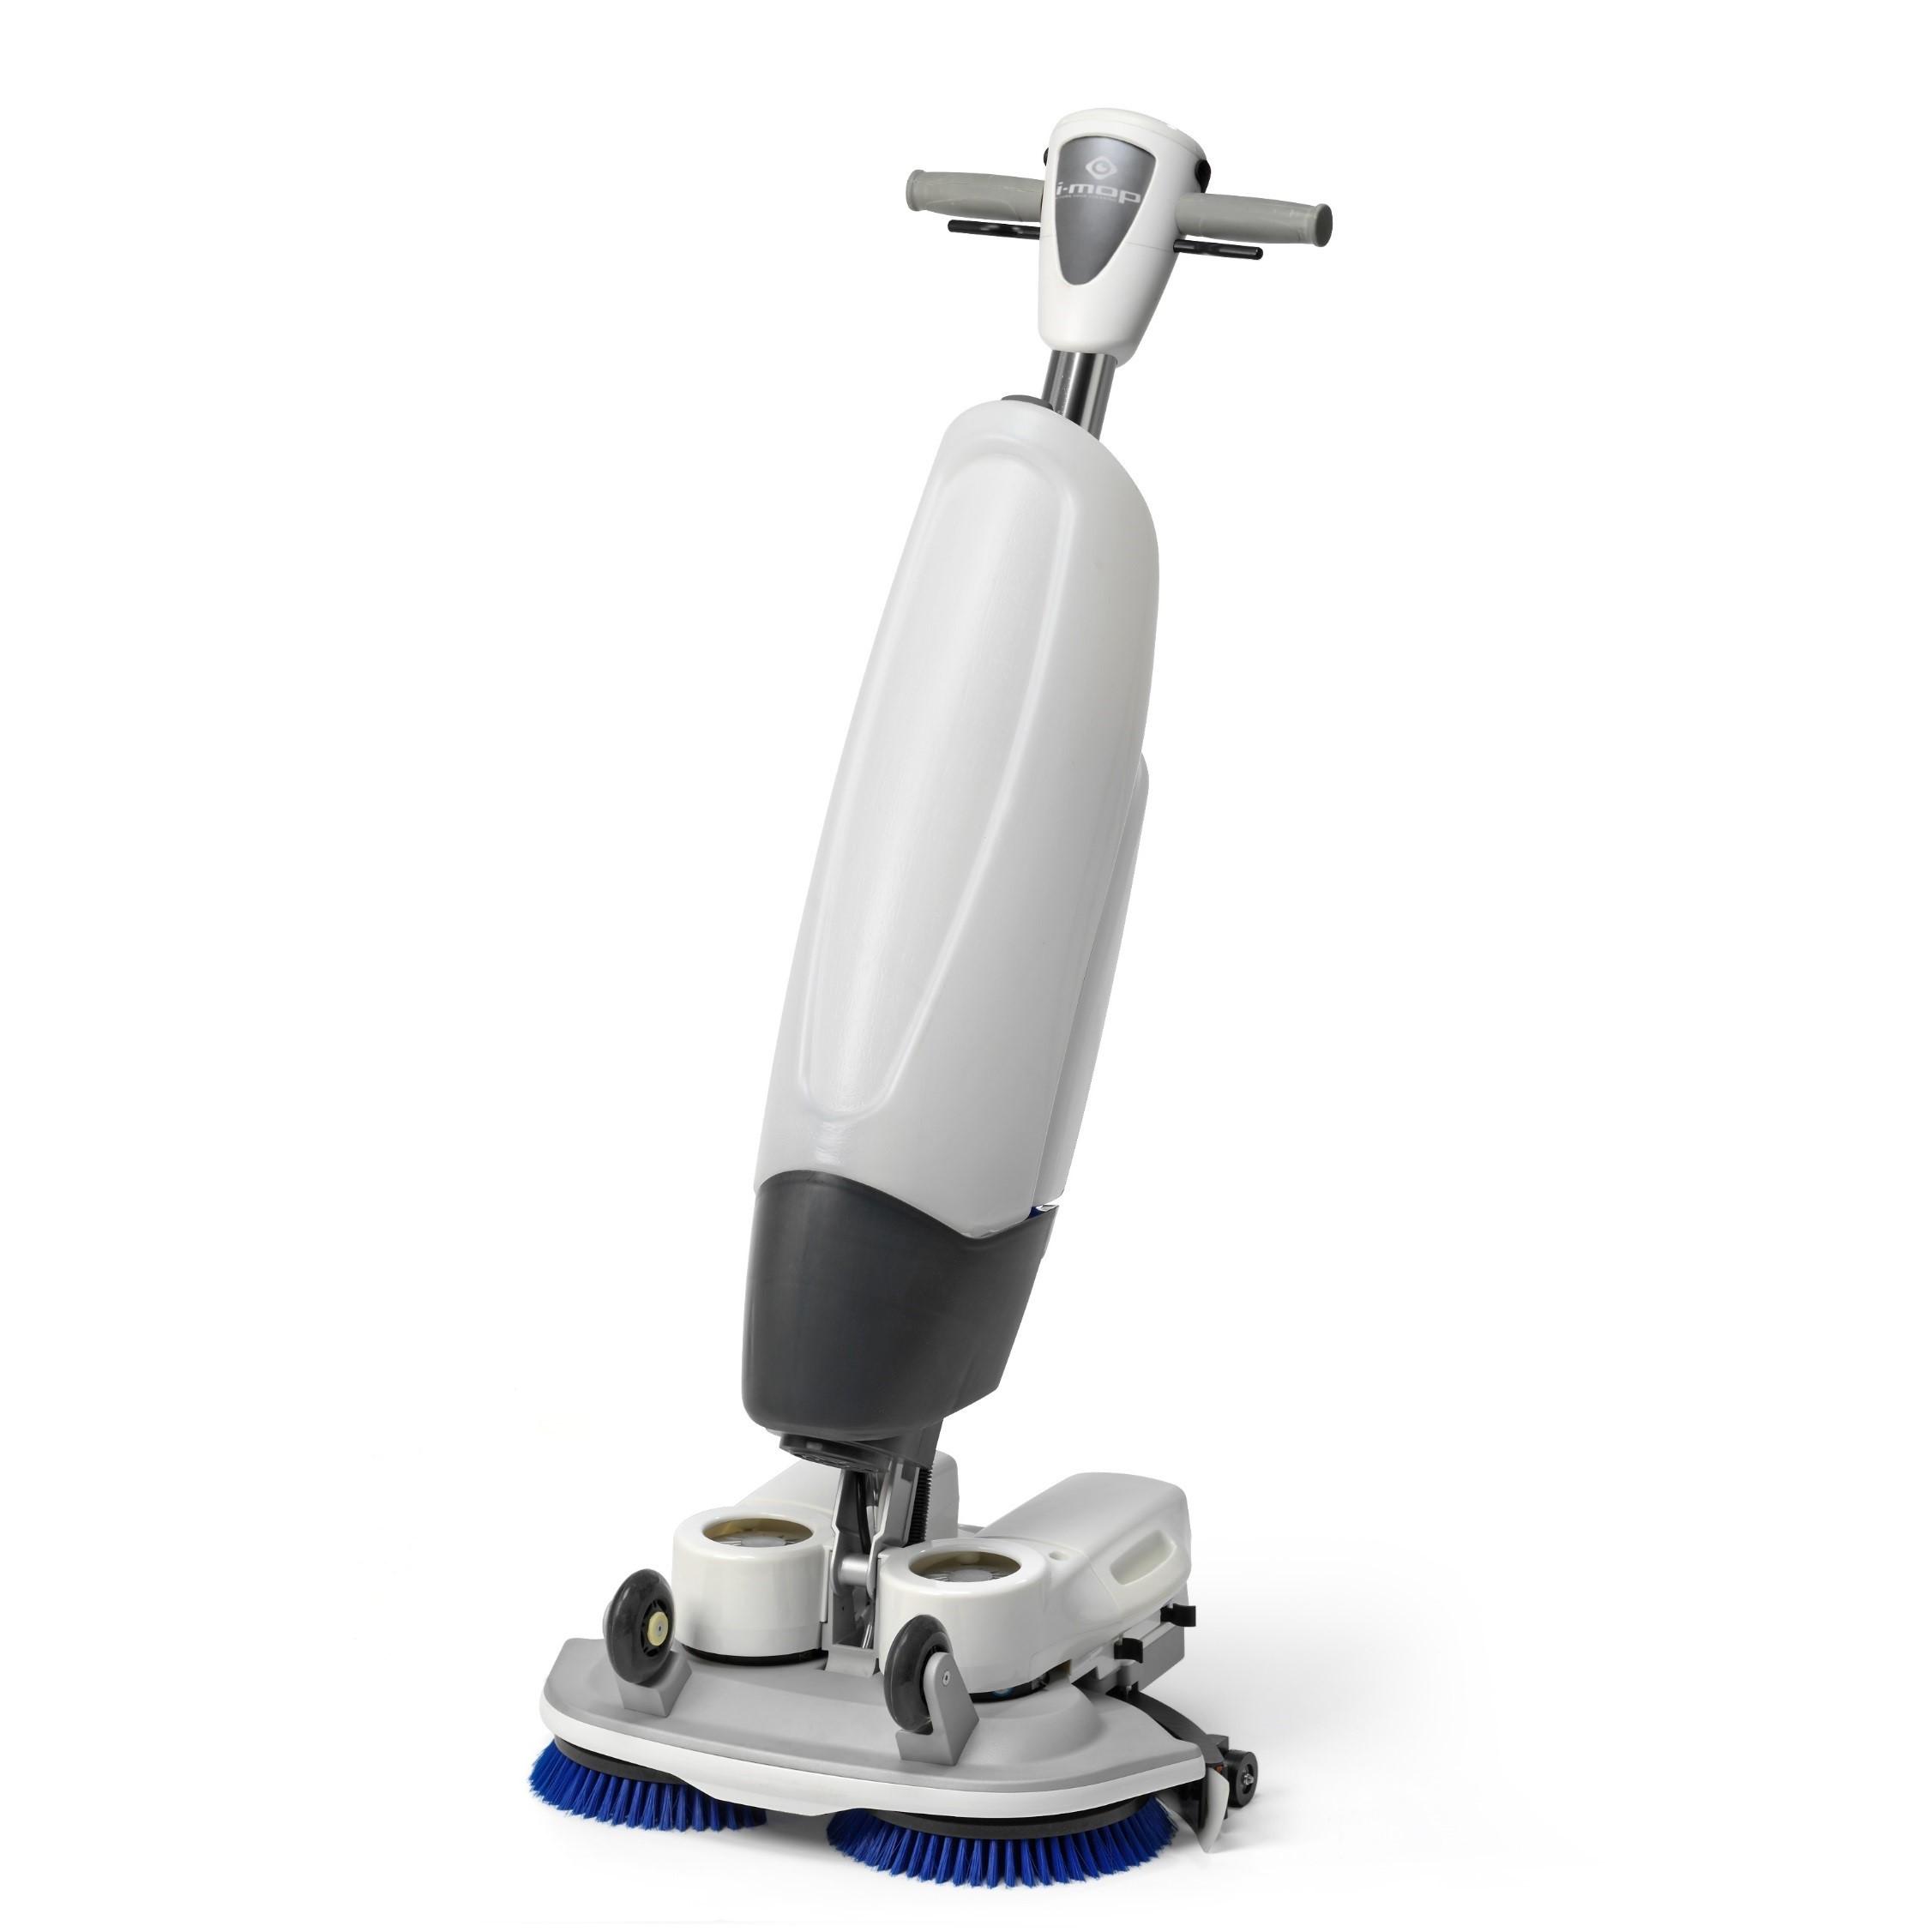 AKC I-Mop IM02 Automatic Scrubber Machine